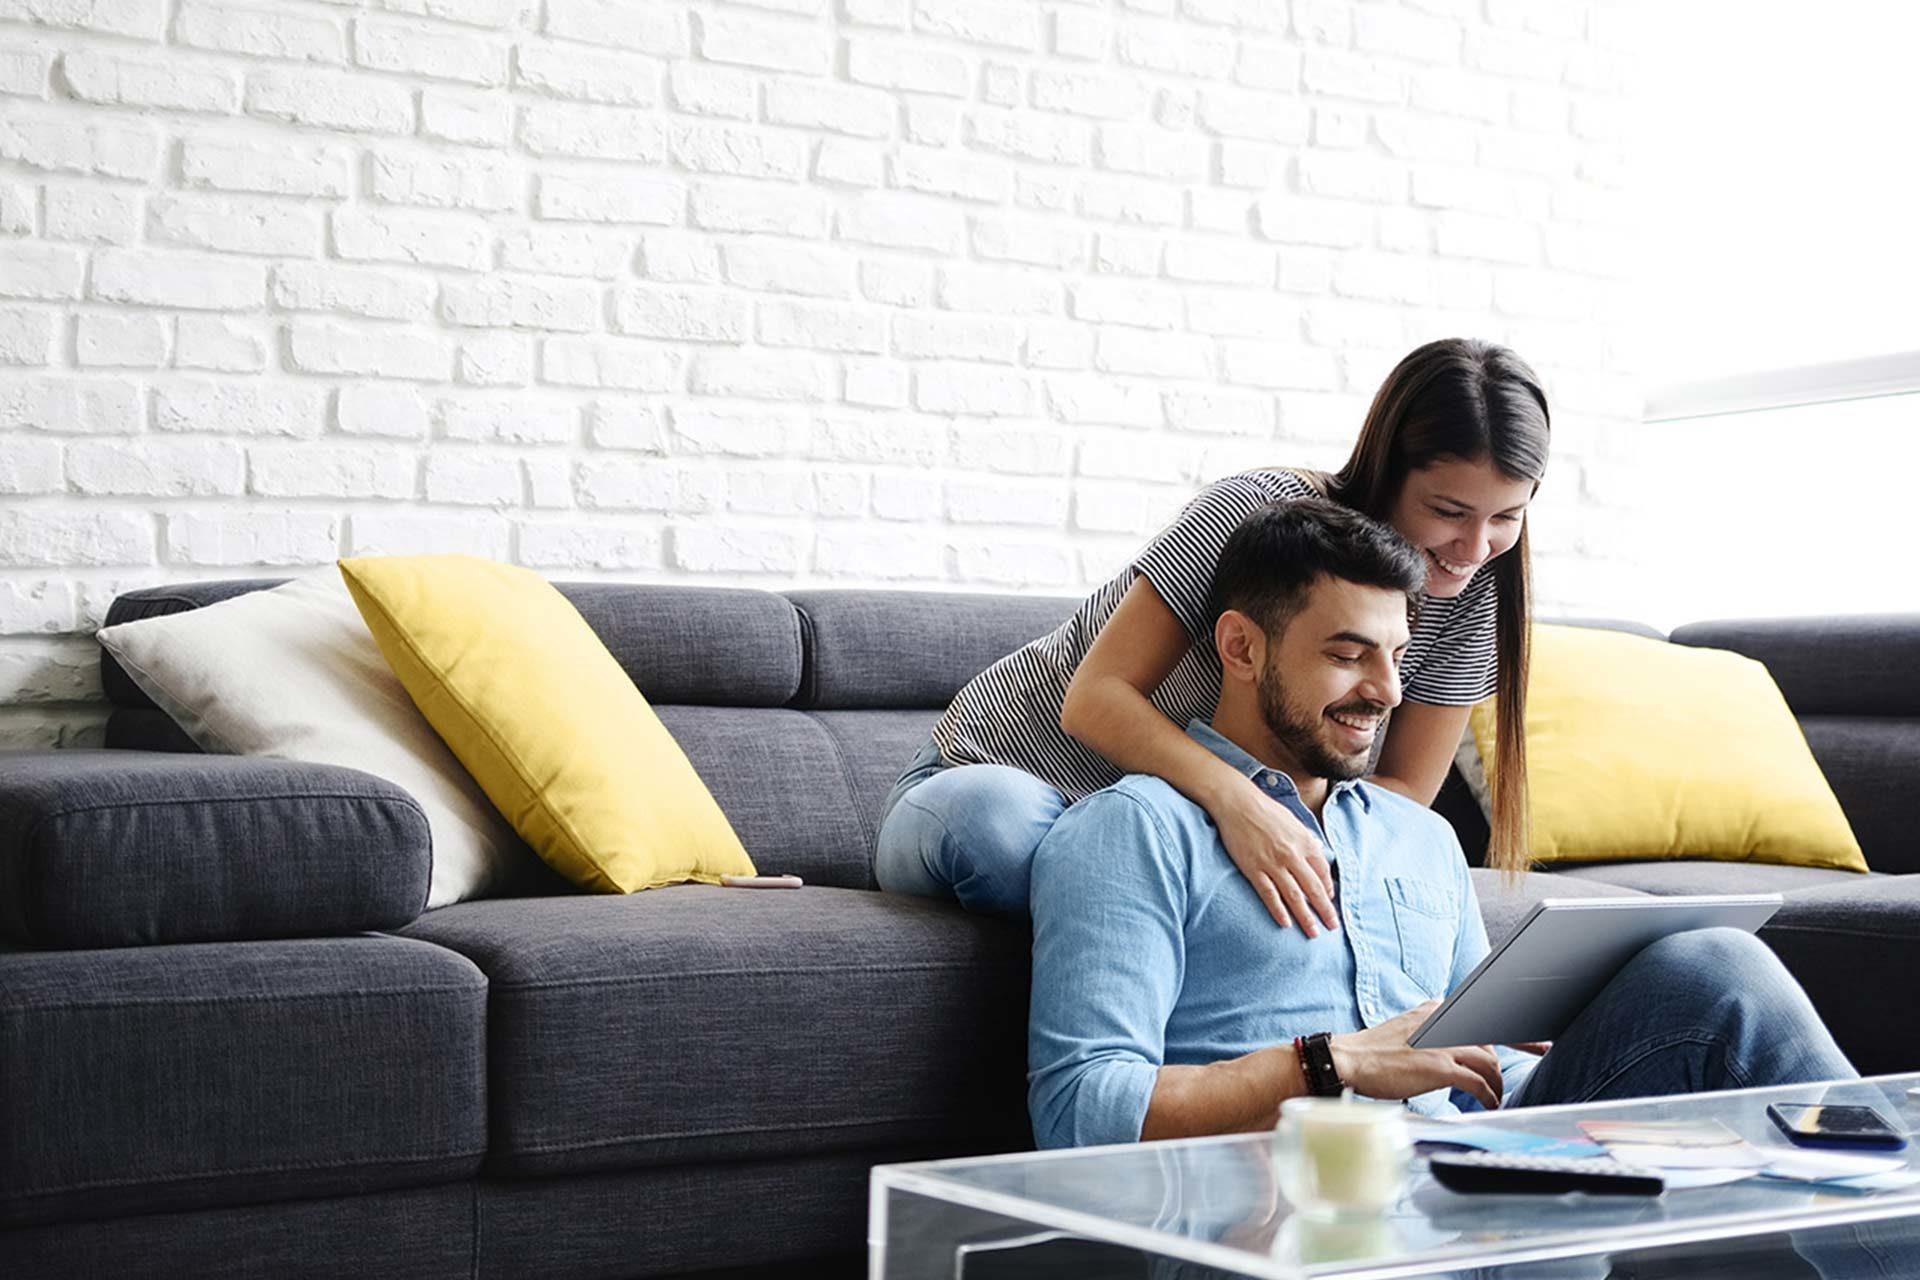 Stile arredamento casa: scopri quello perfetto per te